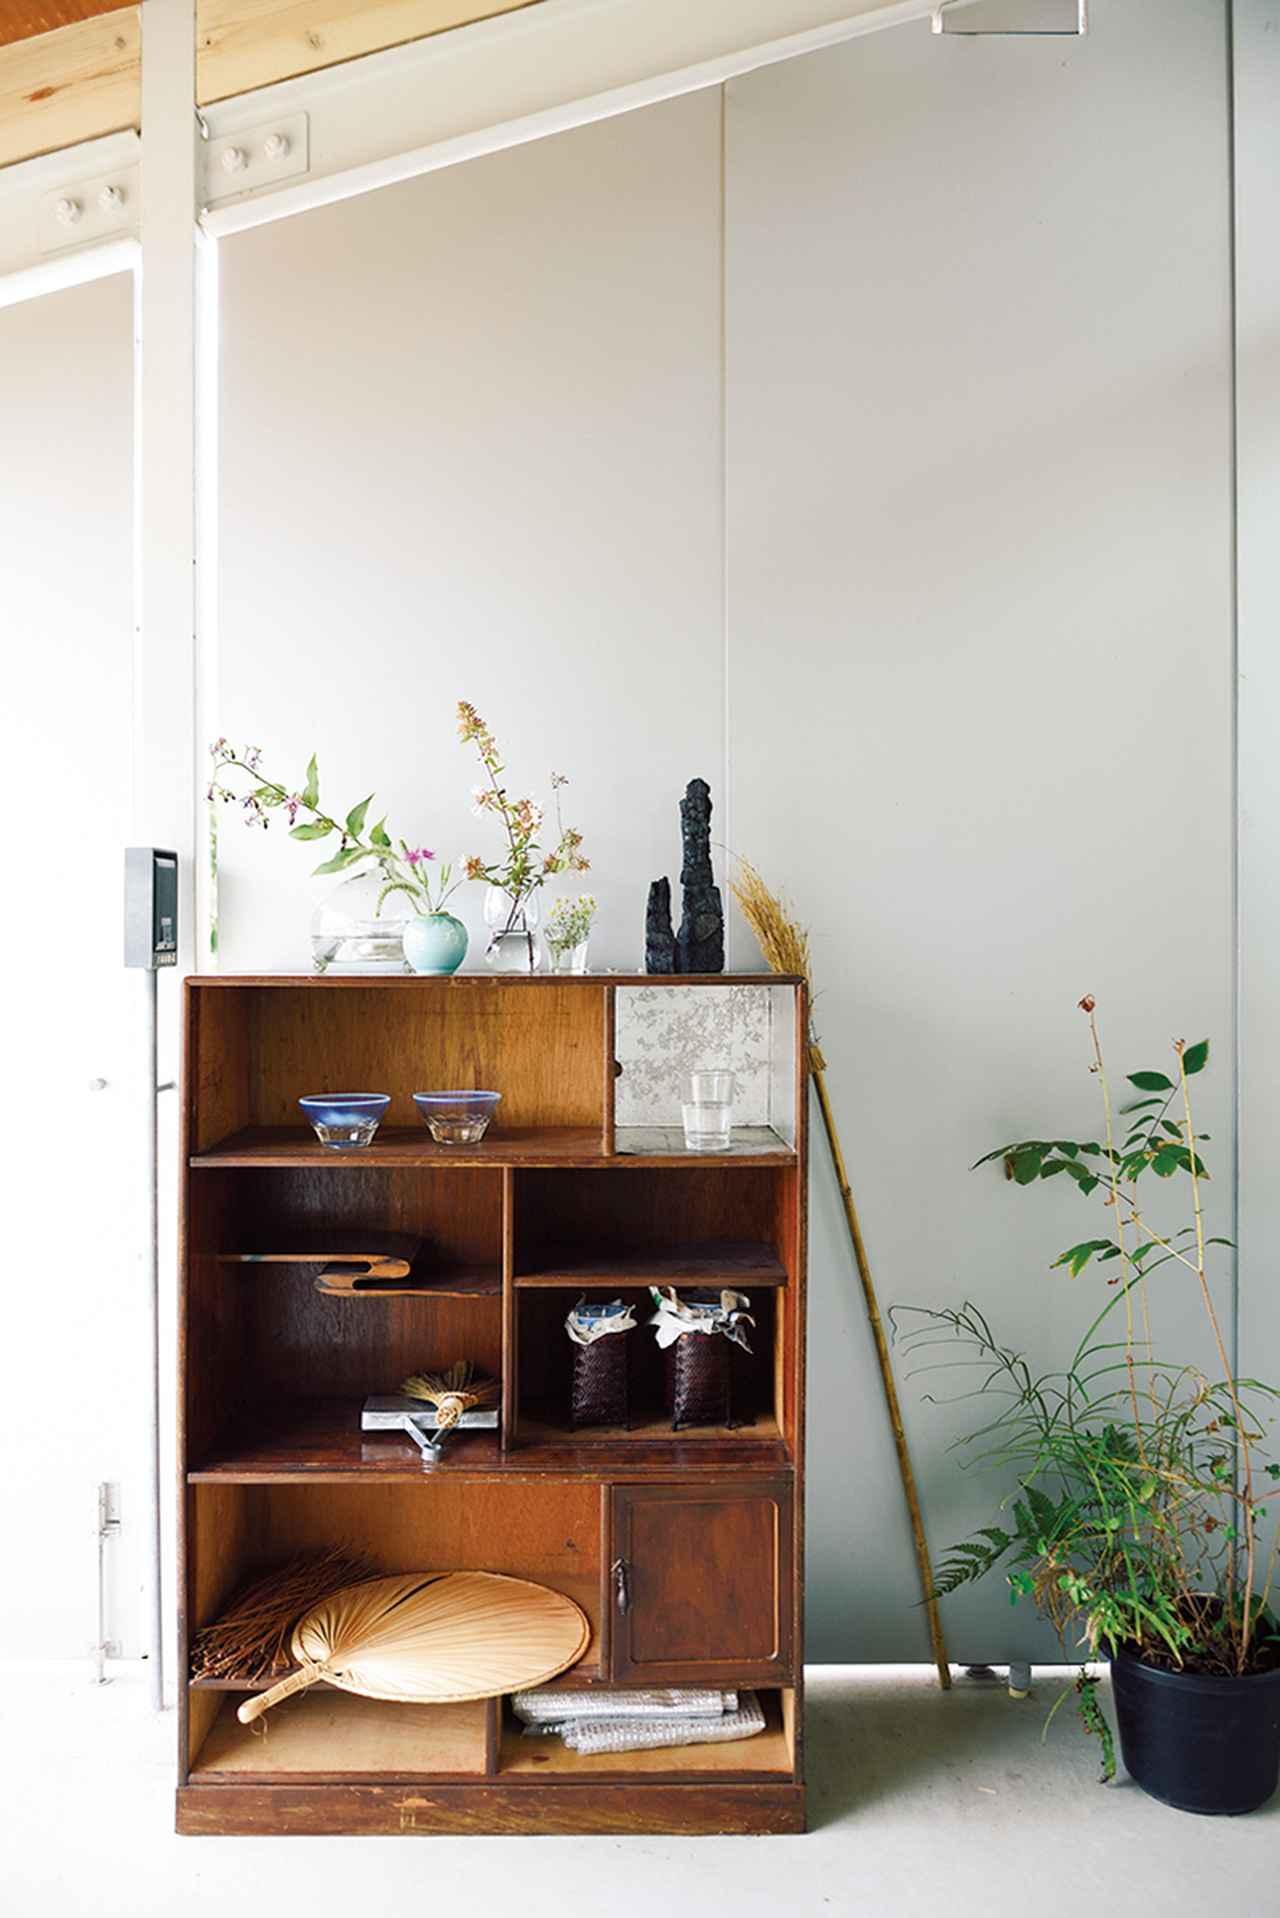 画像: 玄関スペースにある棚は、居住者であるガラス作家の三嶋りつ惠がディスプレイ。ここでの住まい方をアドバイスしてくれる三嶋を、「Beauty先生」と紗弥香は呼ぶ ほかの写真をみる